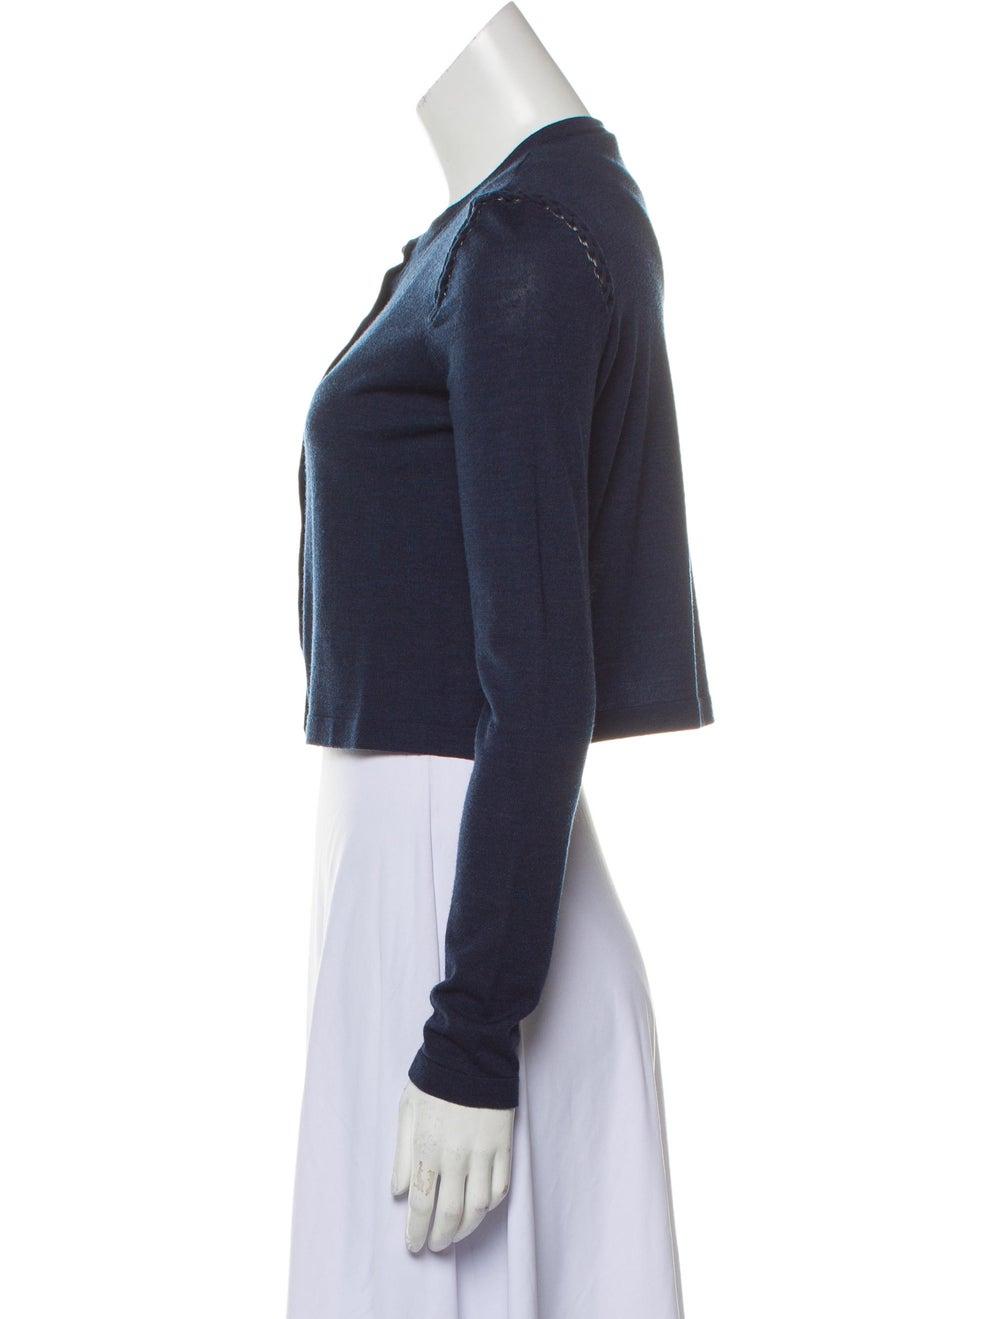 Akris Wool Cropped Cardigan - image 2